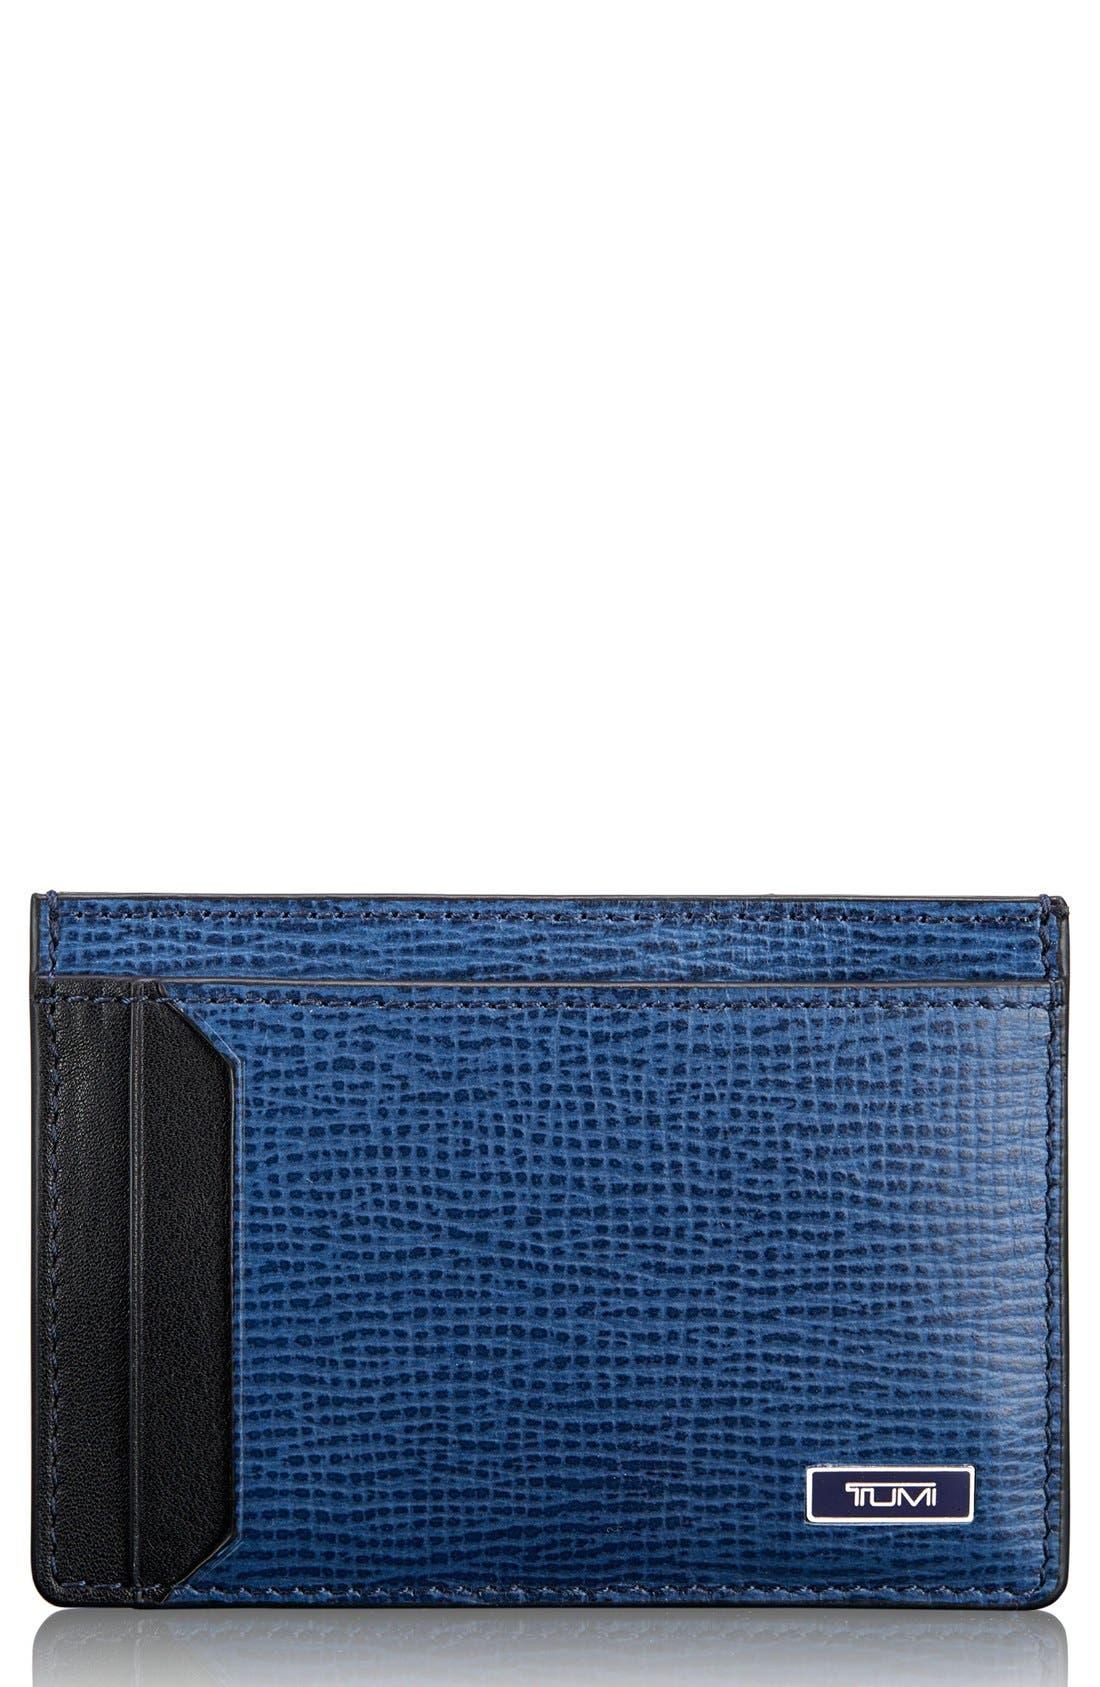 Main Image - Tumi 'Monaco' Leather Money Clip Card Case